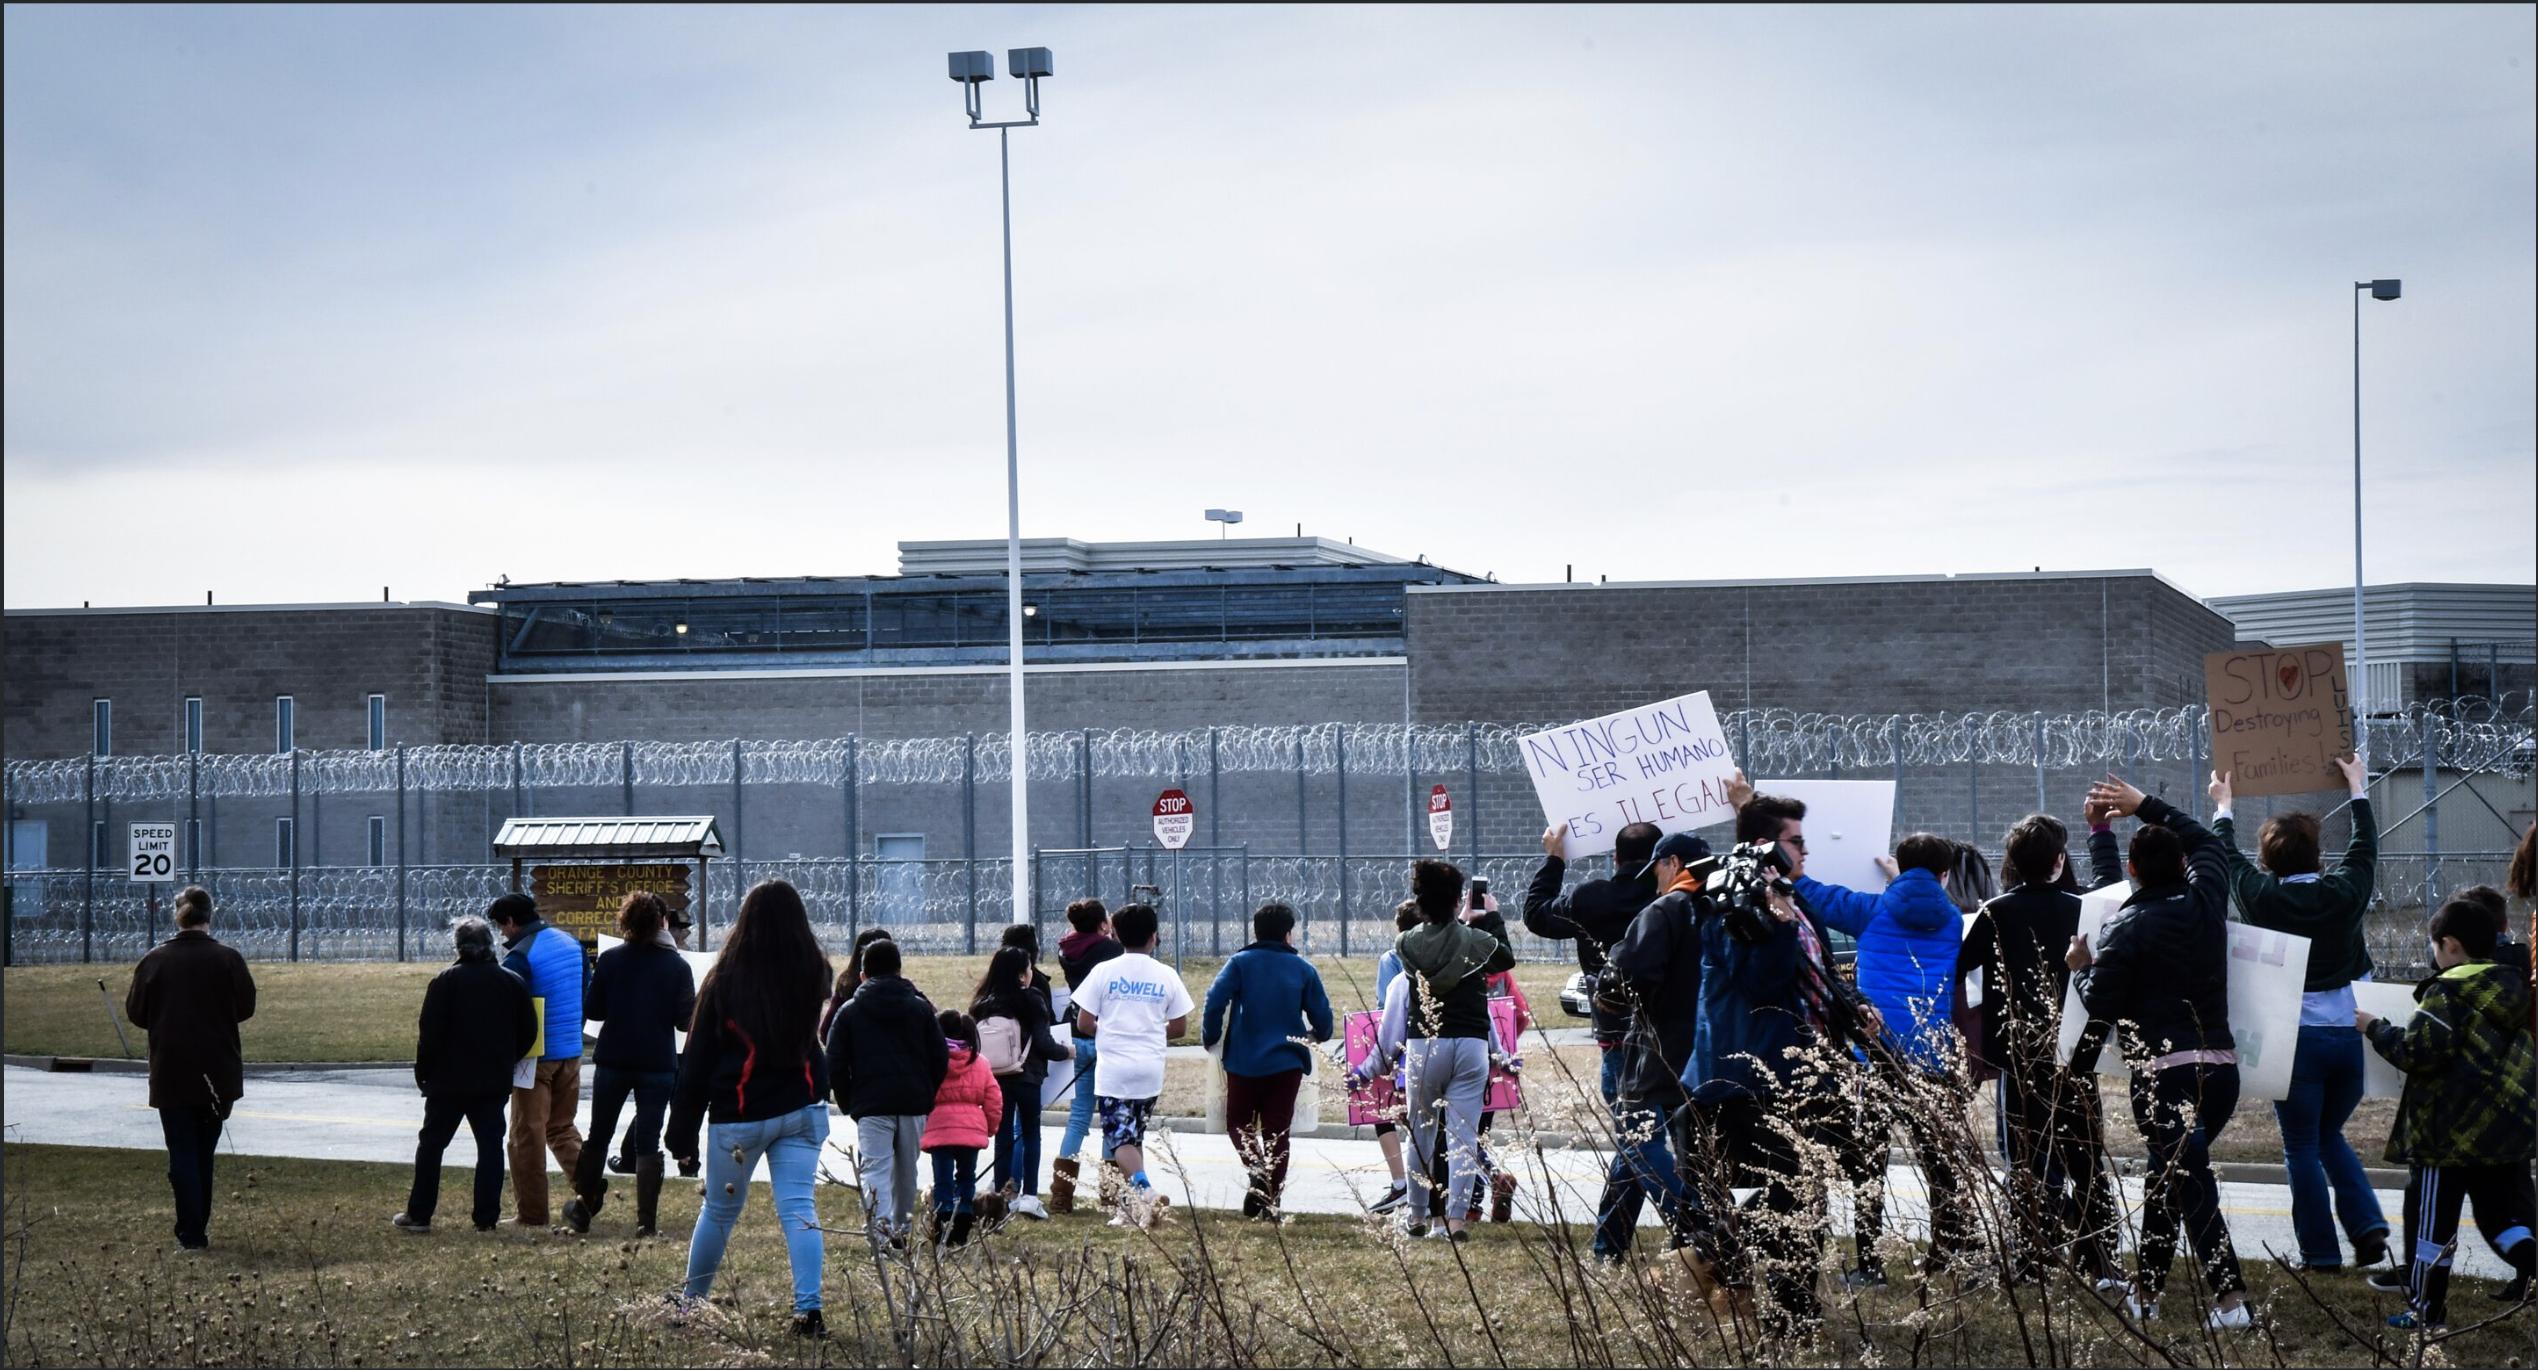 Manifestación frente al Centro de Detención de Goshen, pidiendo por Luis. Foto de Michael Frank